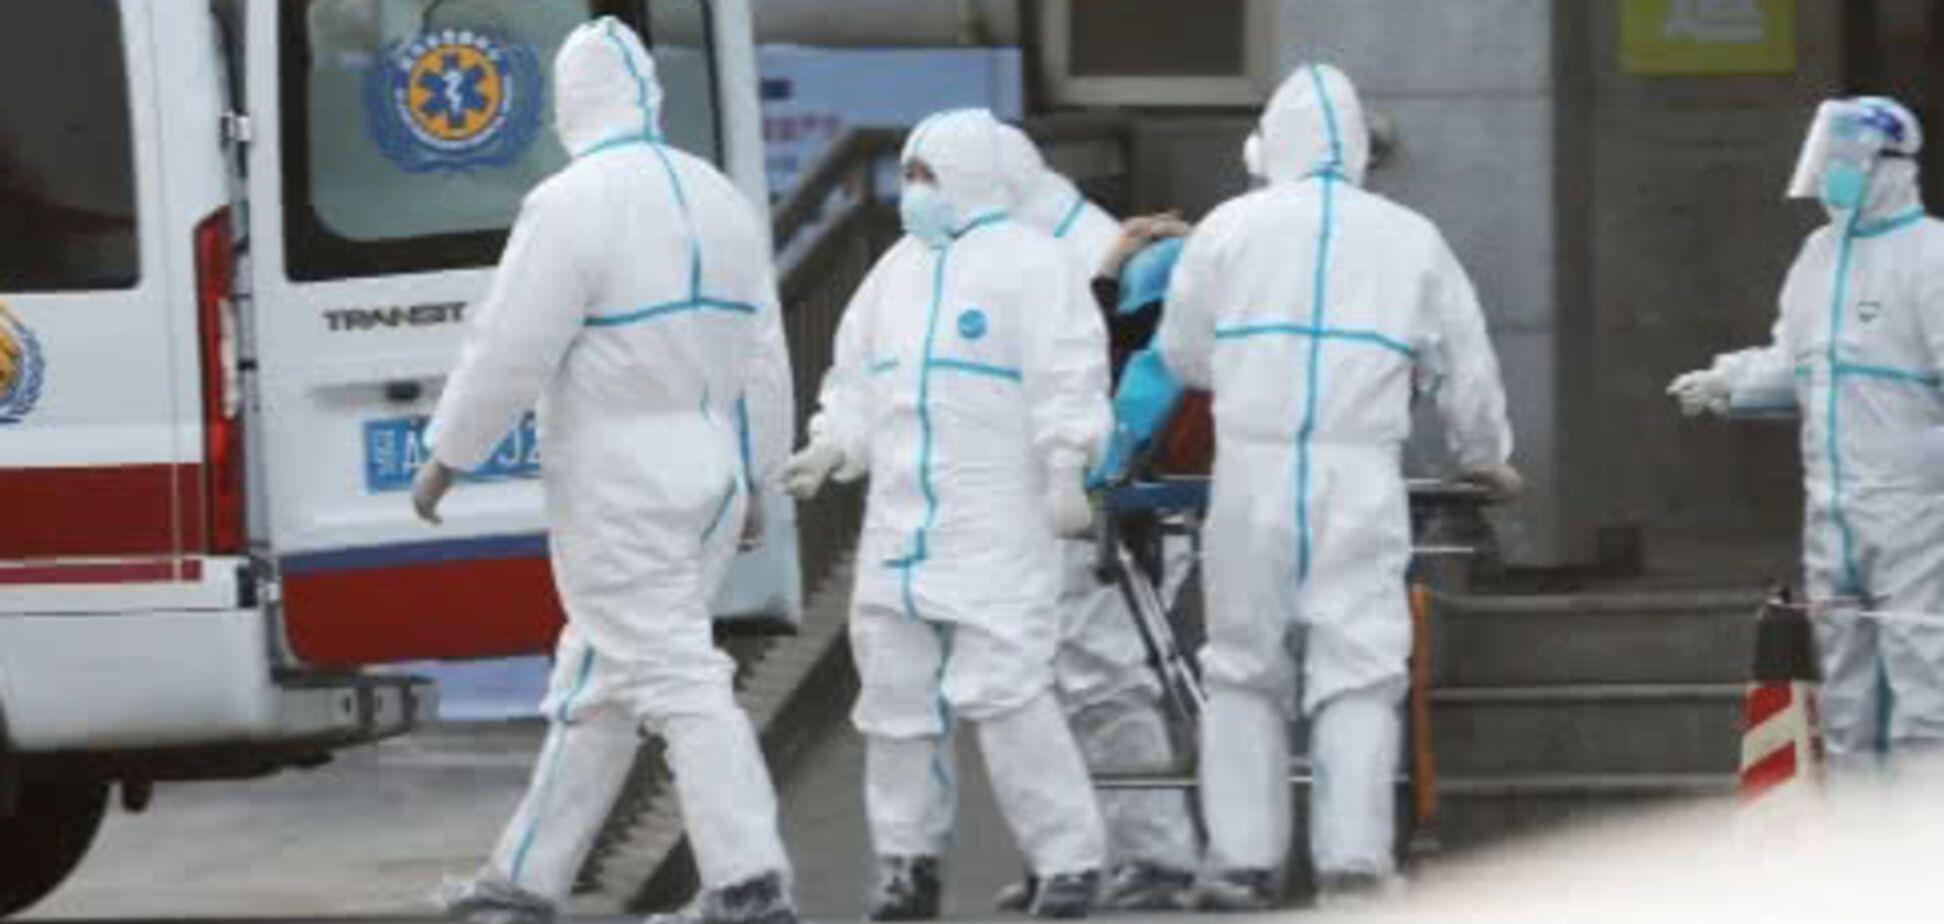 Перша смерть від коронавірусу в Україні: що відомо про загиблу пенсіонерку з Радомишля